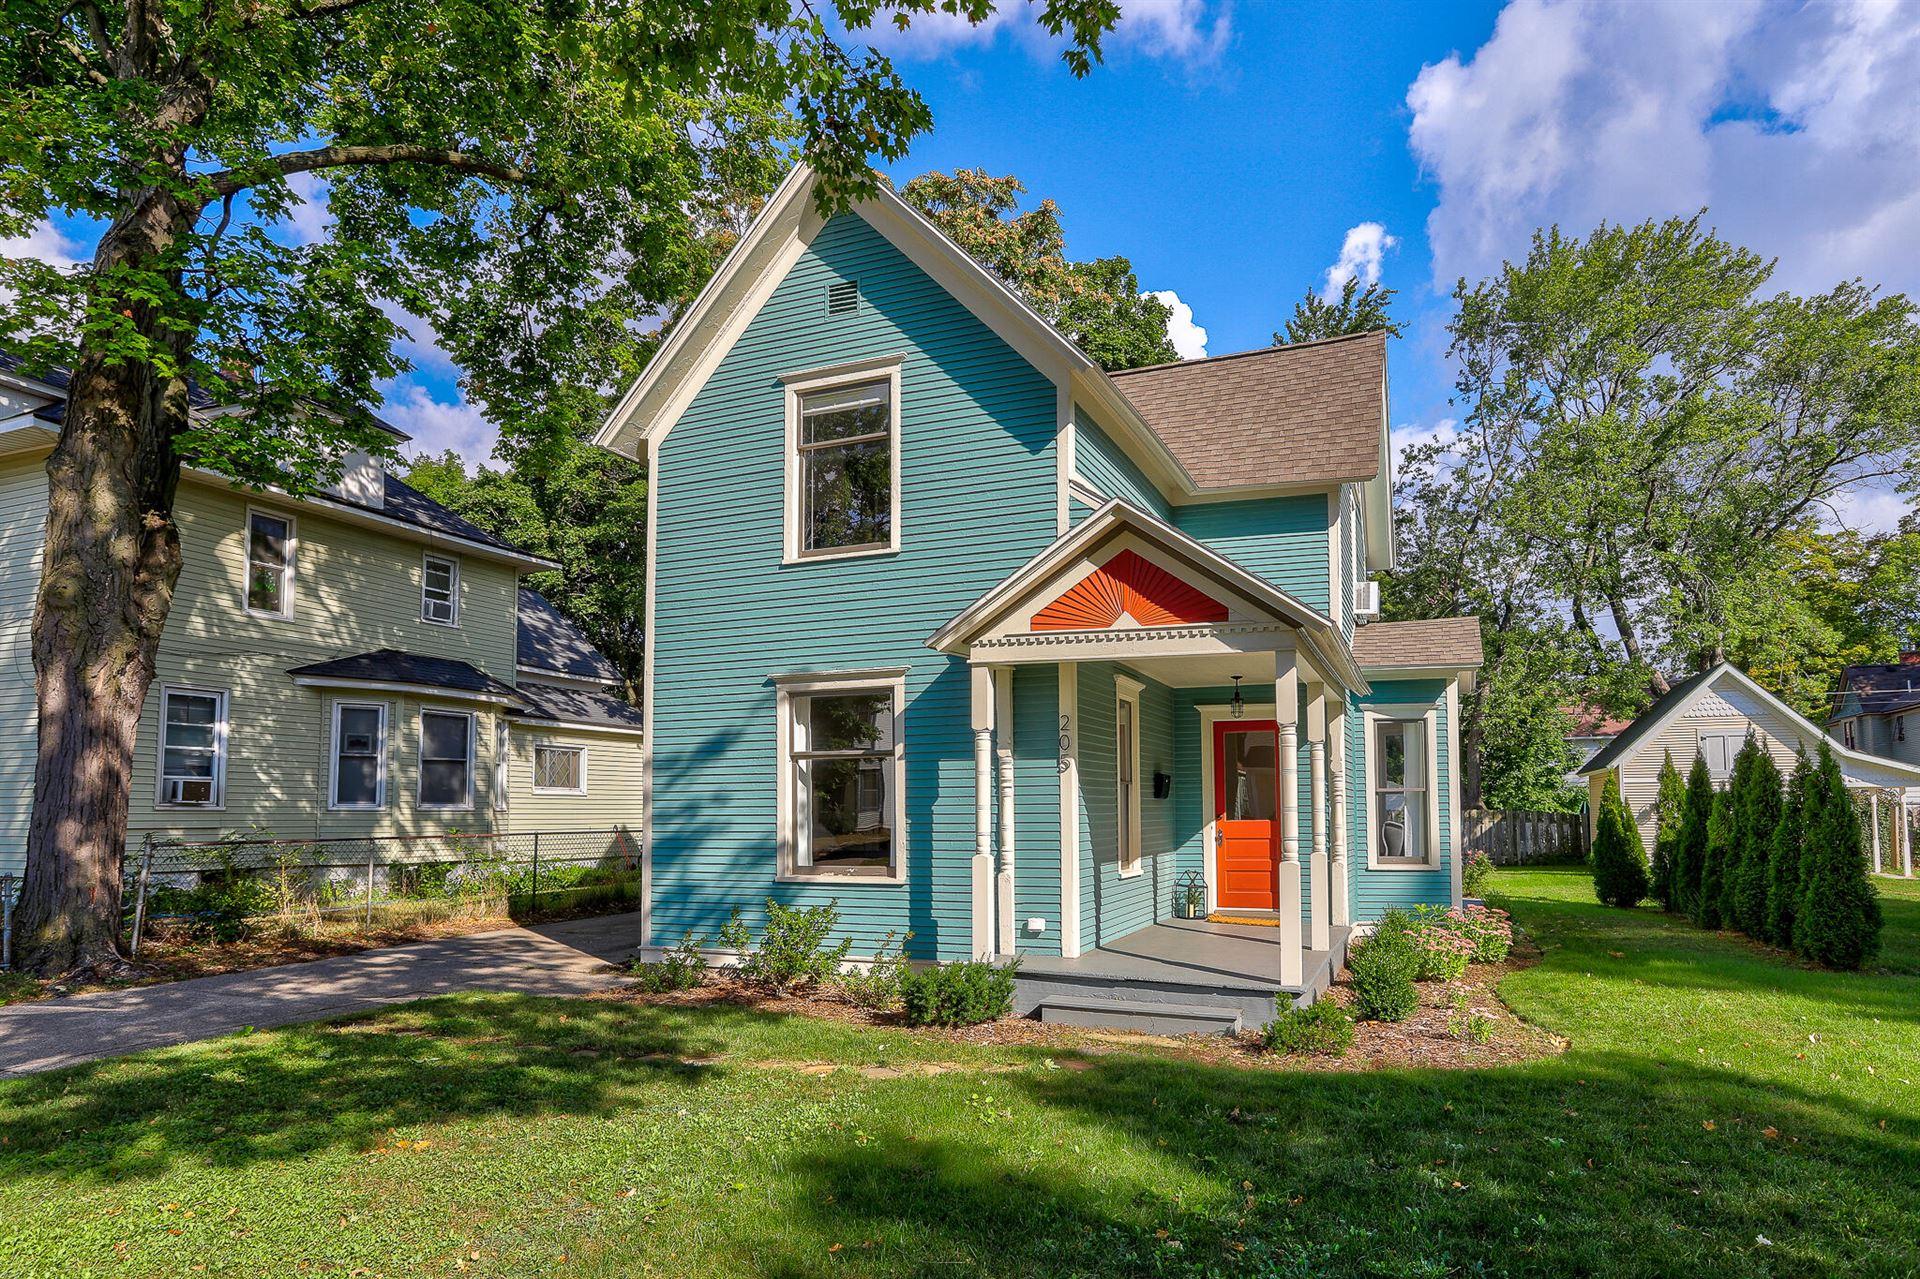 205 W 13th Street, Holland, MI 49423 - MLS#: 21106182